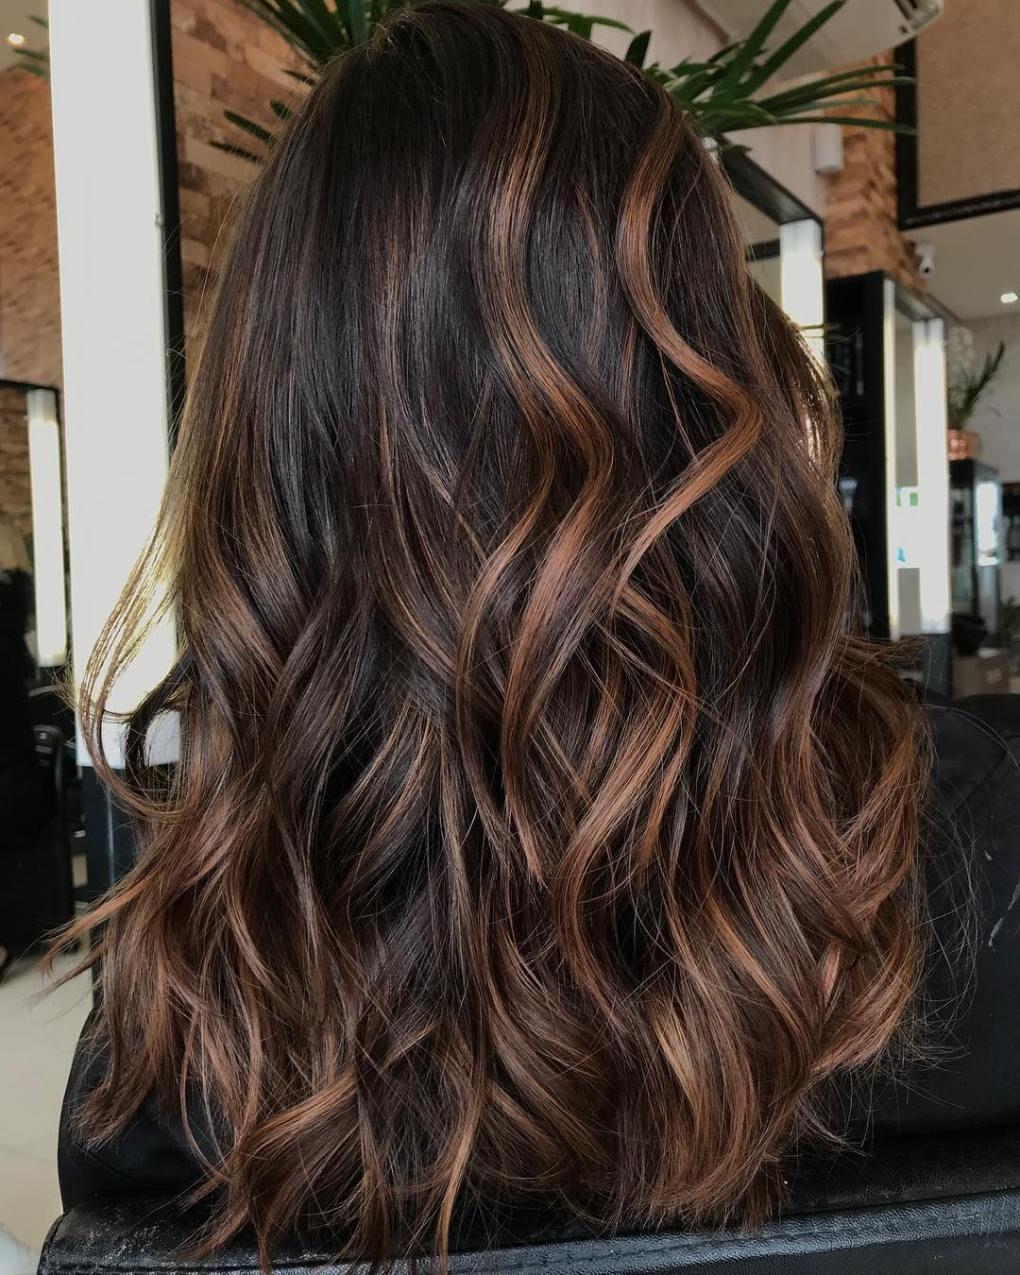 60 Hairstyles Featuring Dark Brown Hair With Highlights Braune Haare Frisuren Haare Mit Highlights Dunkelbraune Haare